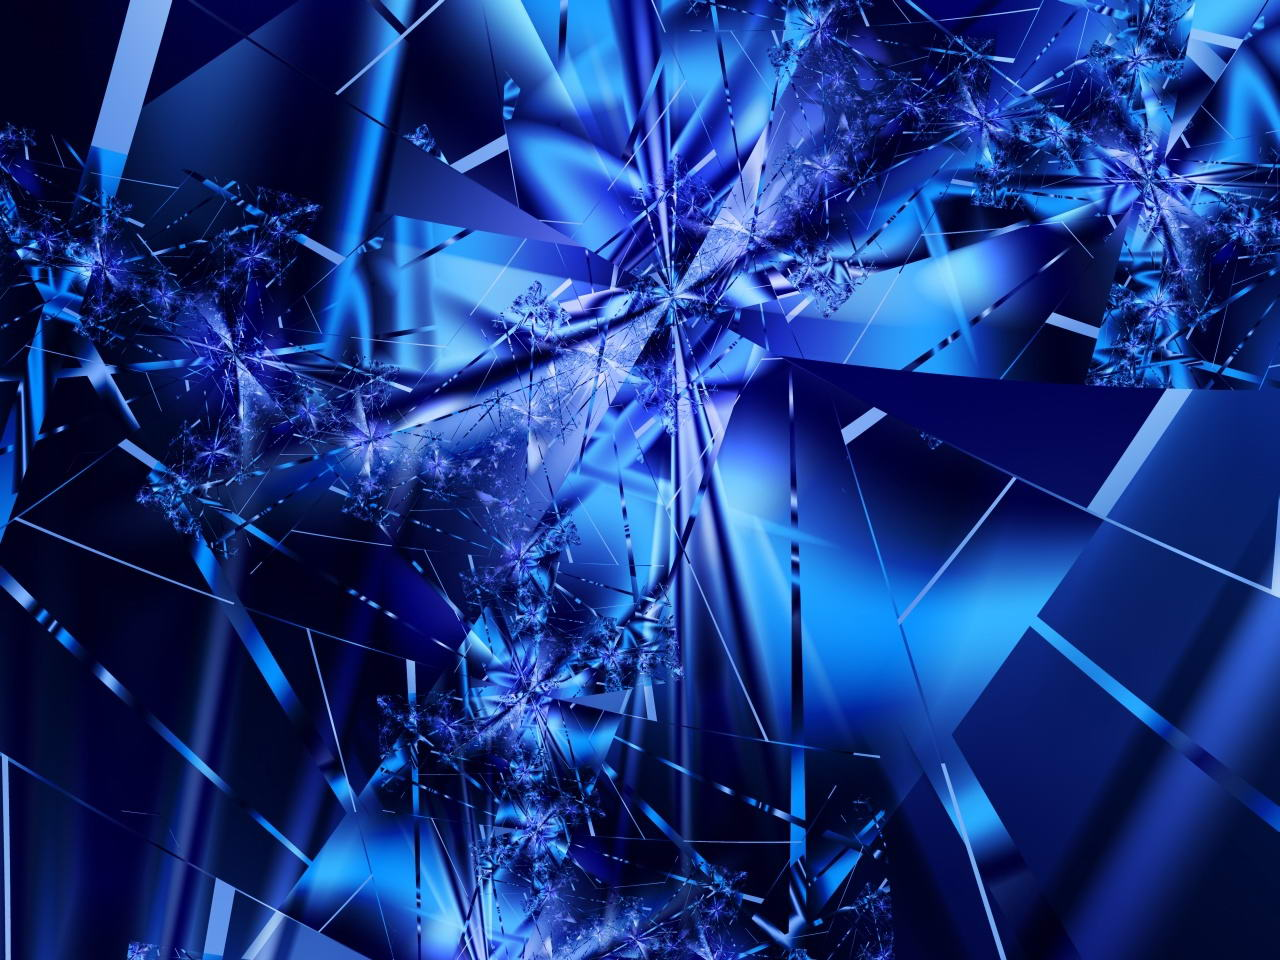 خلفية زرقاء احدث و اجمل الخلفيات الكروما الزرقاء احساس ناعم